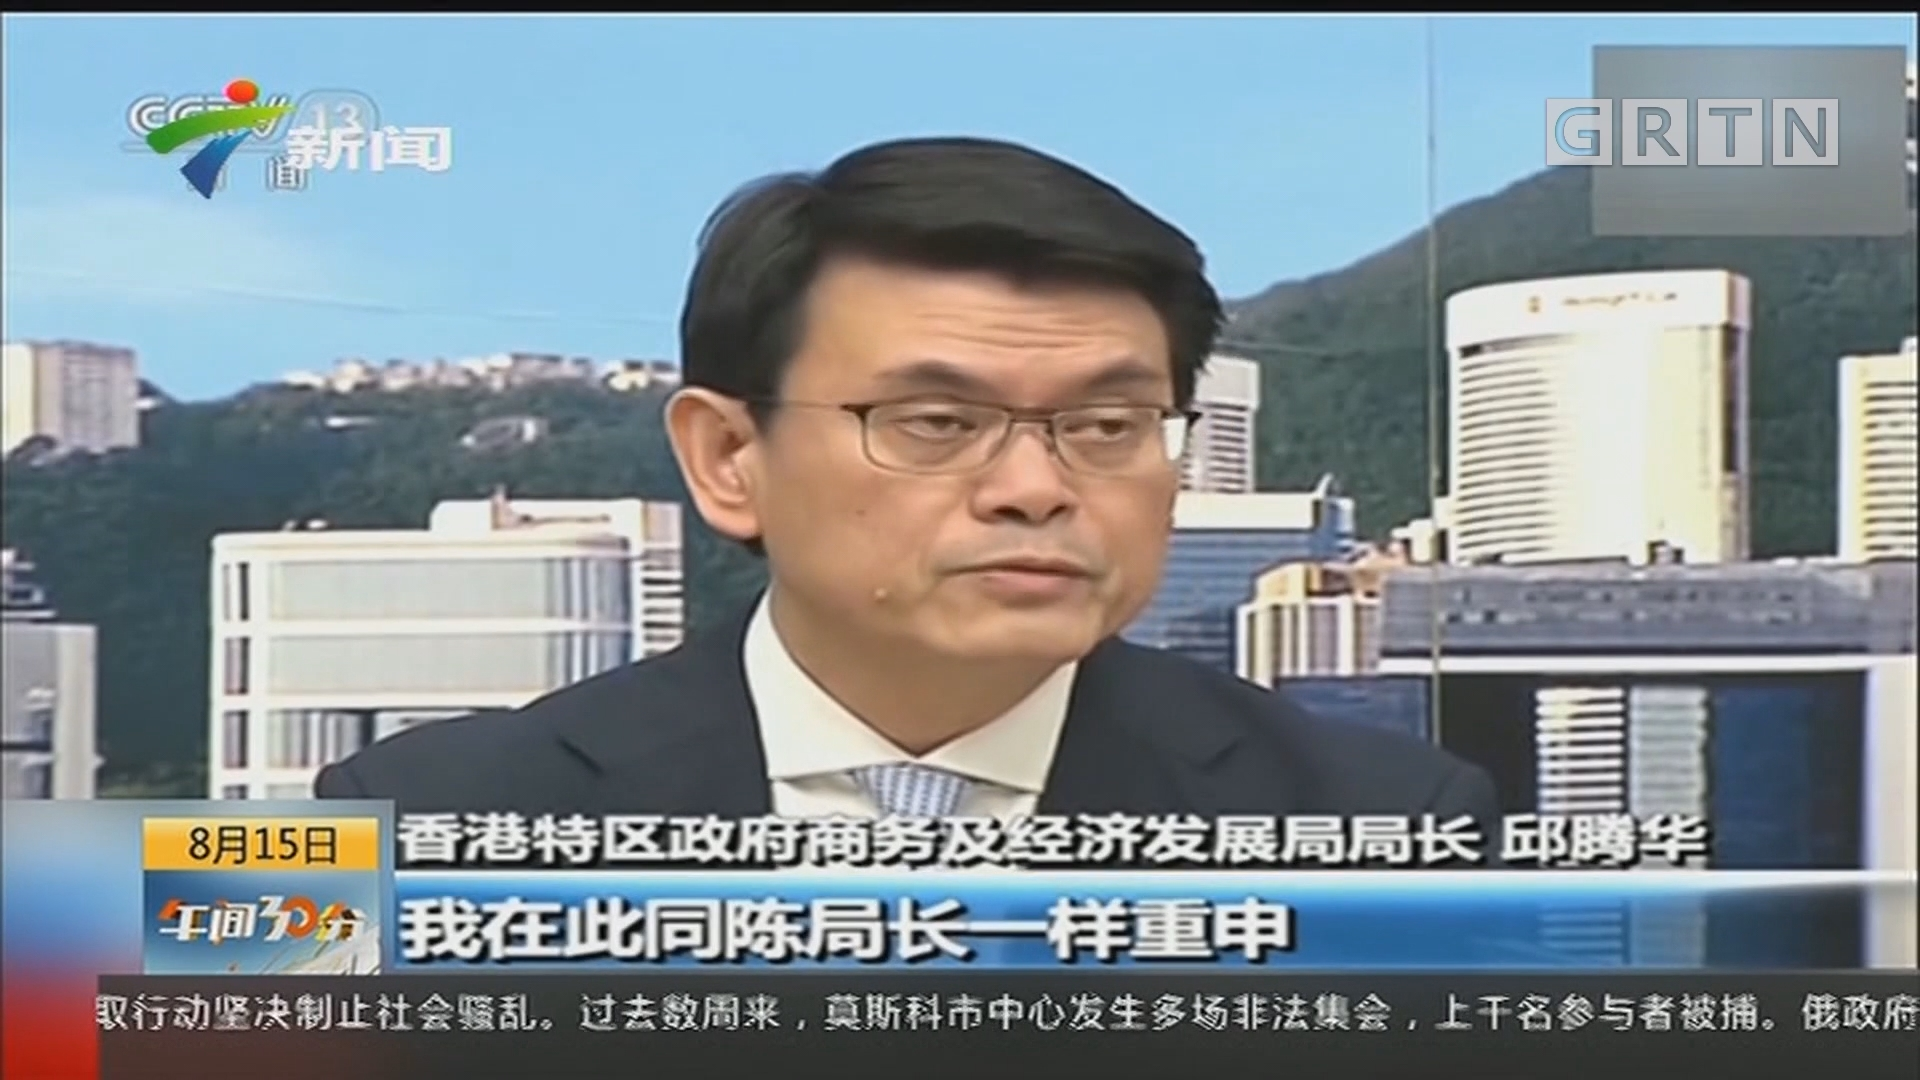 介紹非法示威集會造成影響:香港特區政府昨天舉行跨部門記者會